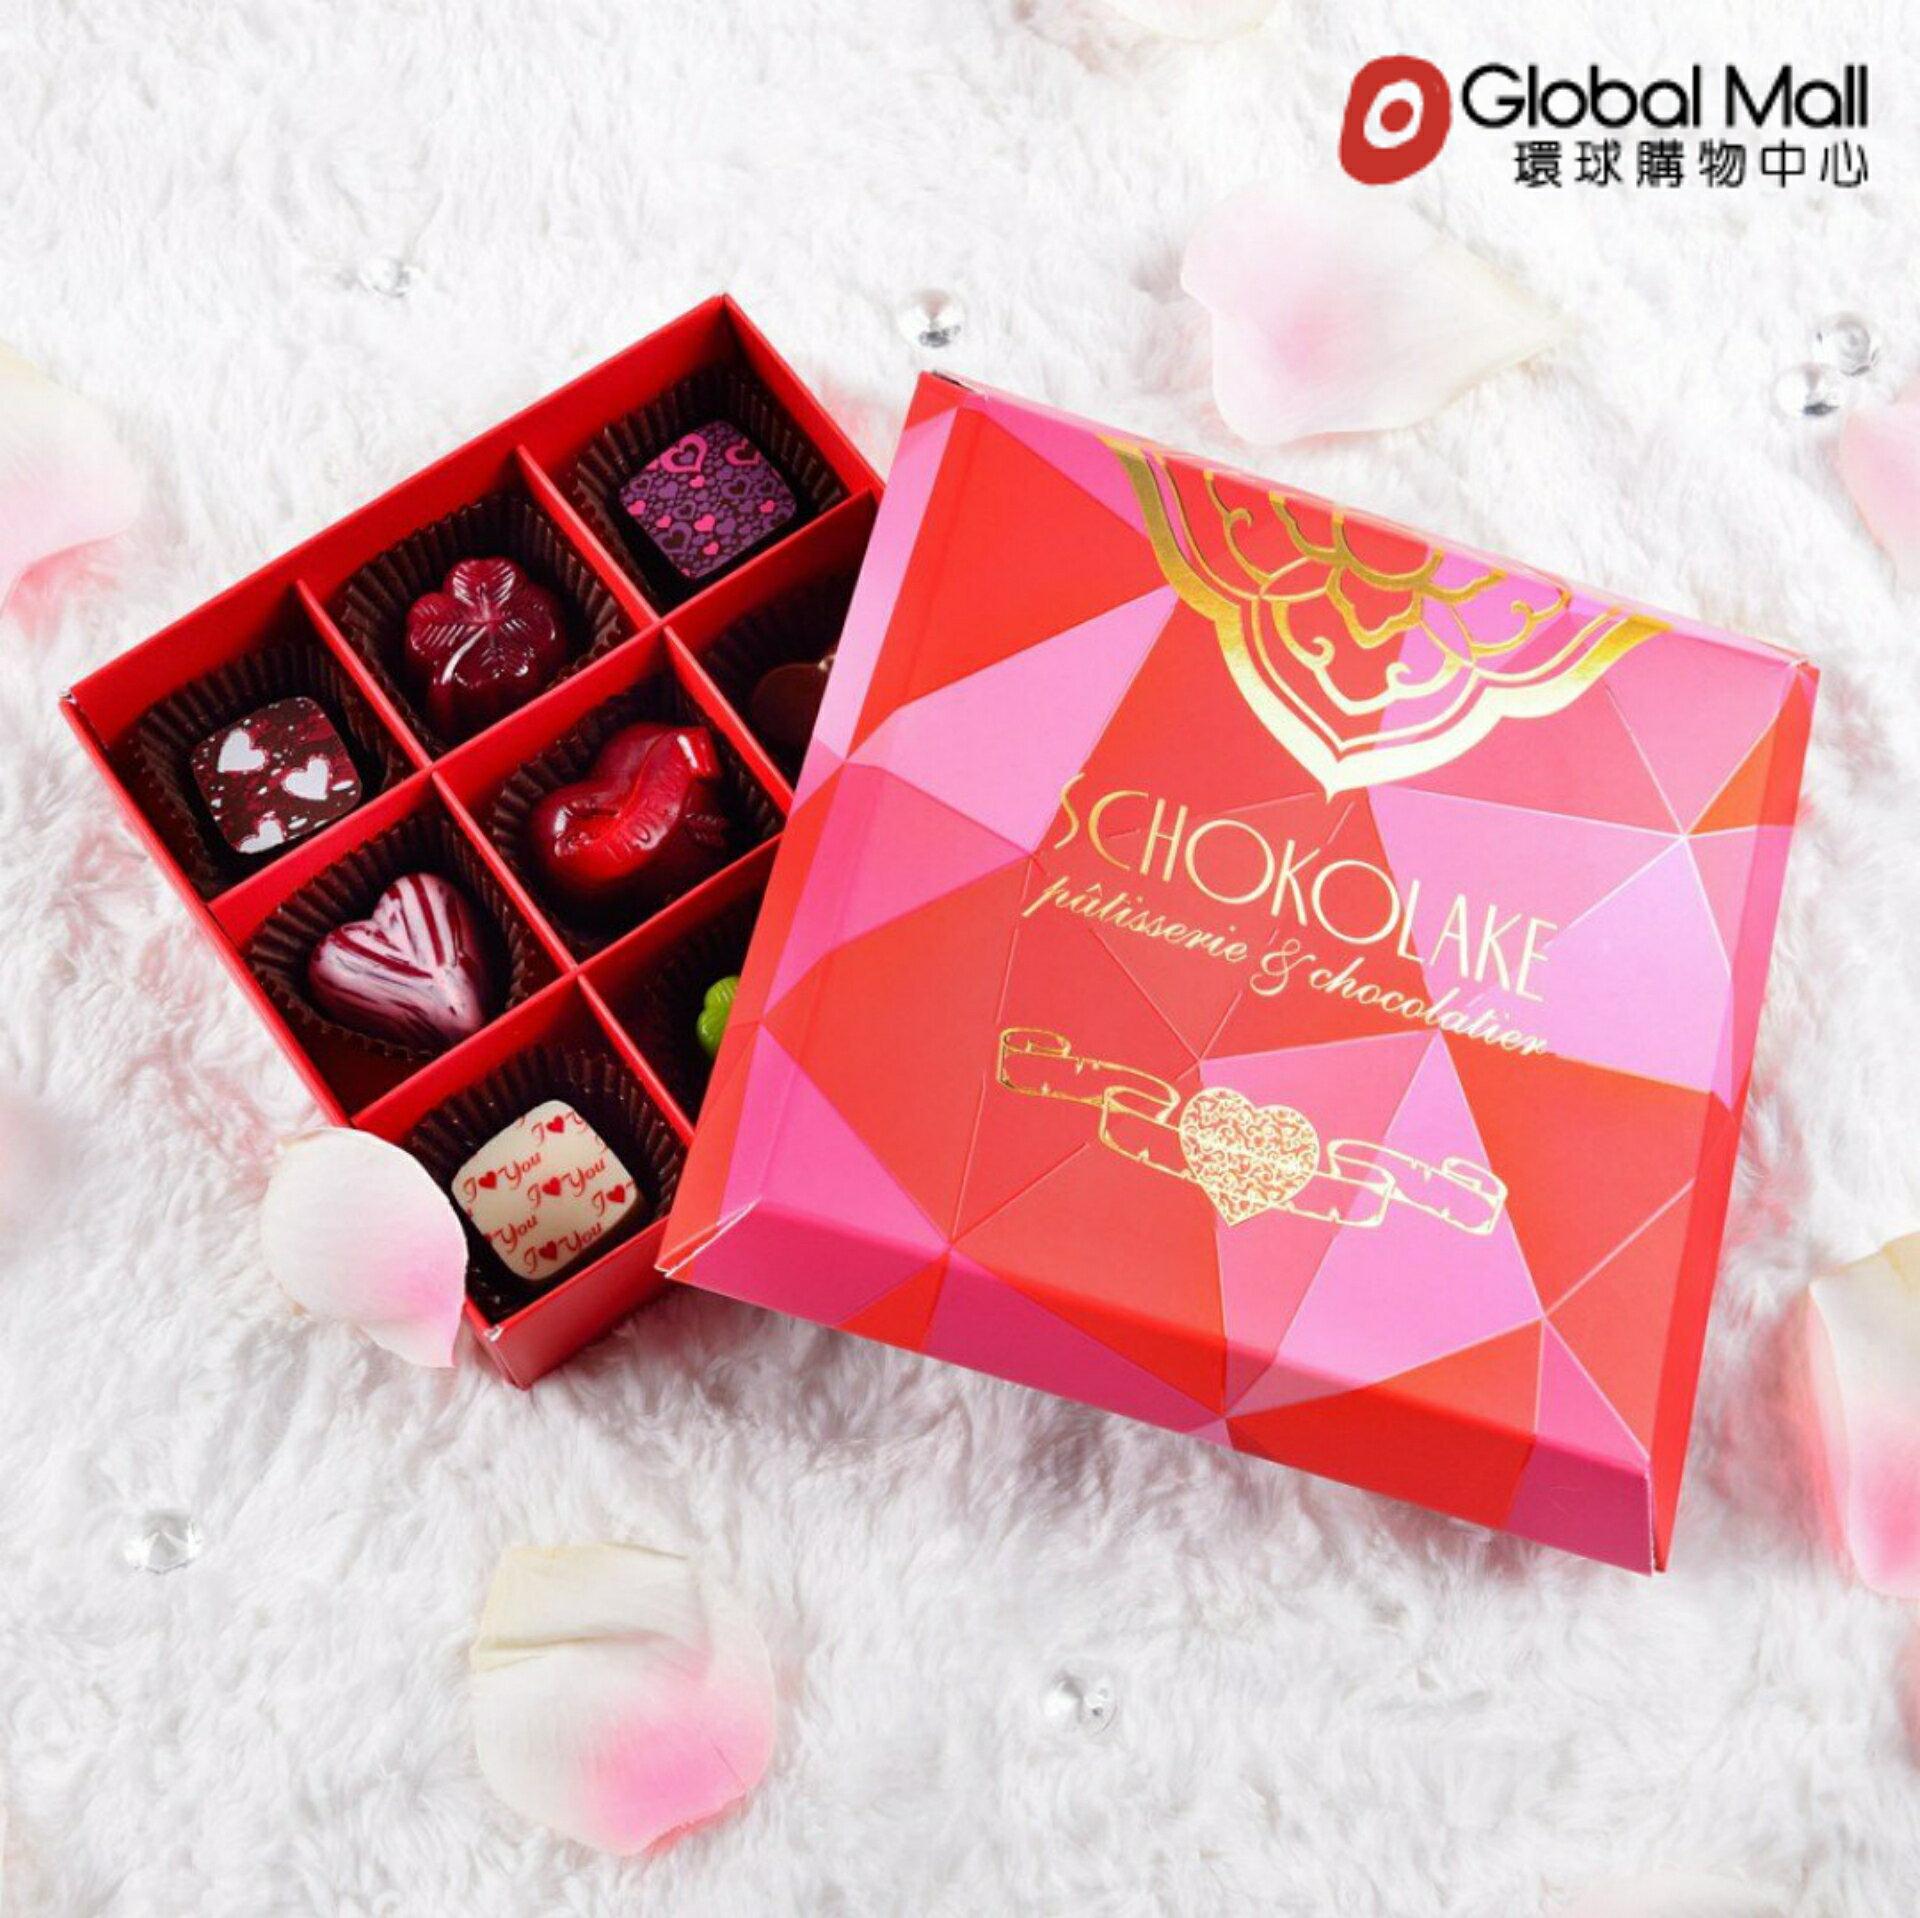 【巧克力雲莊】9入法式甜心繽紛禮盒 (限量純手工巧克力,口味隨機)